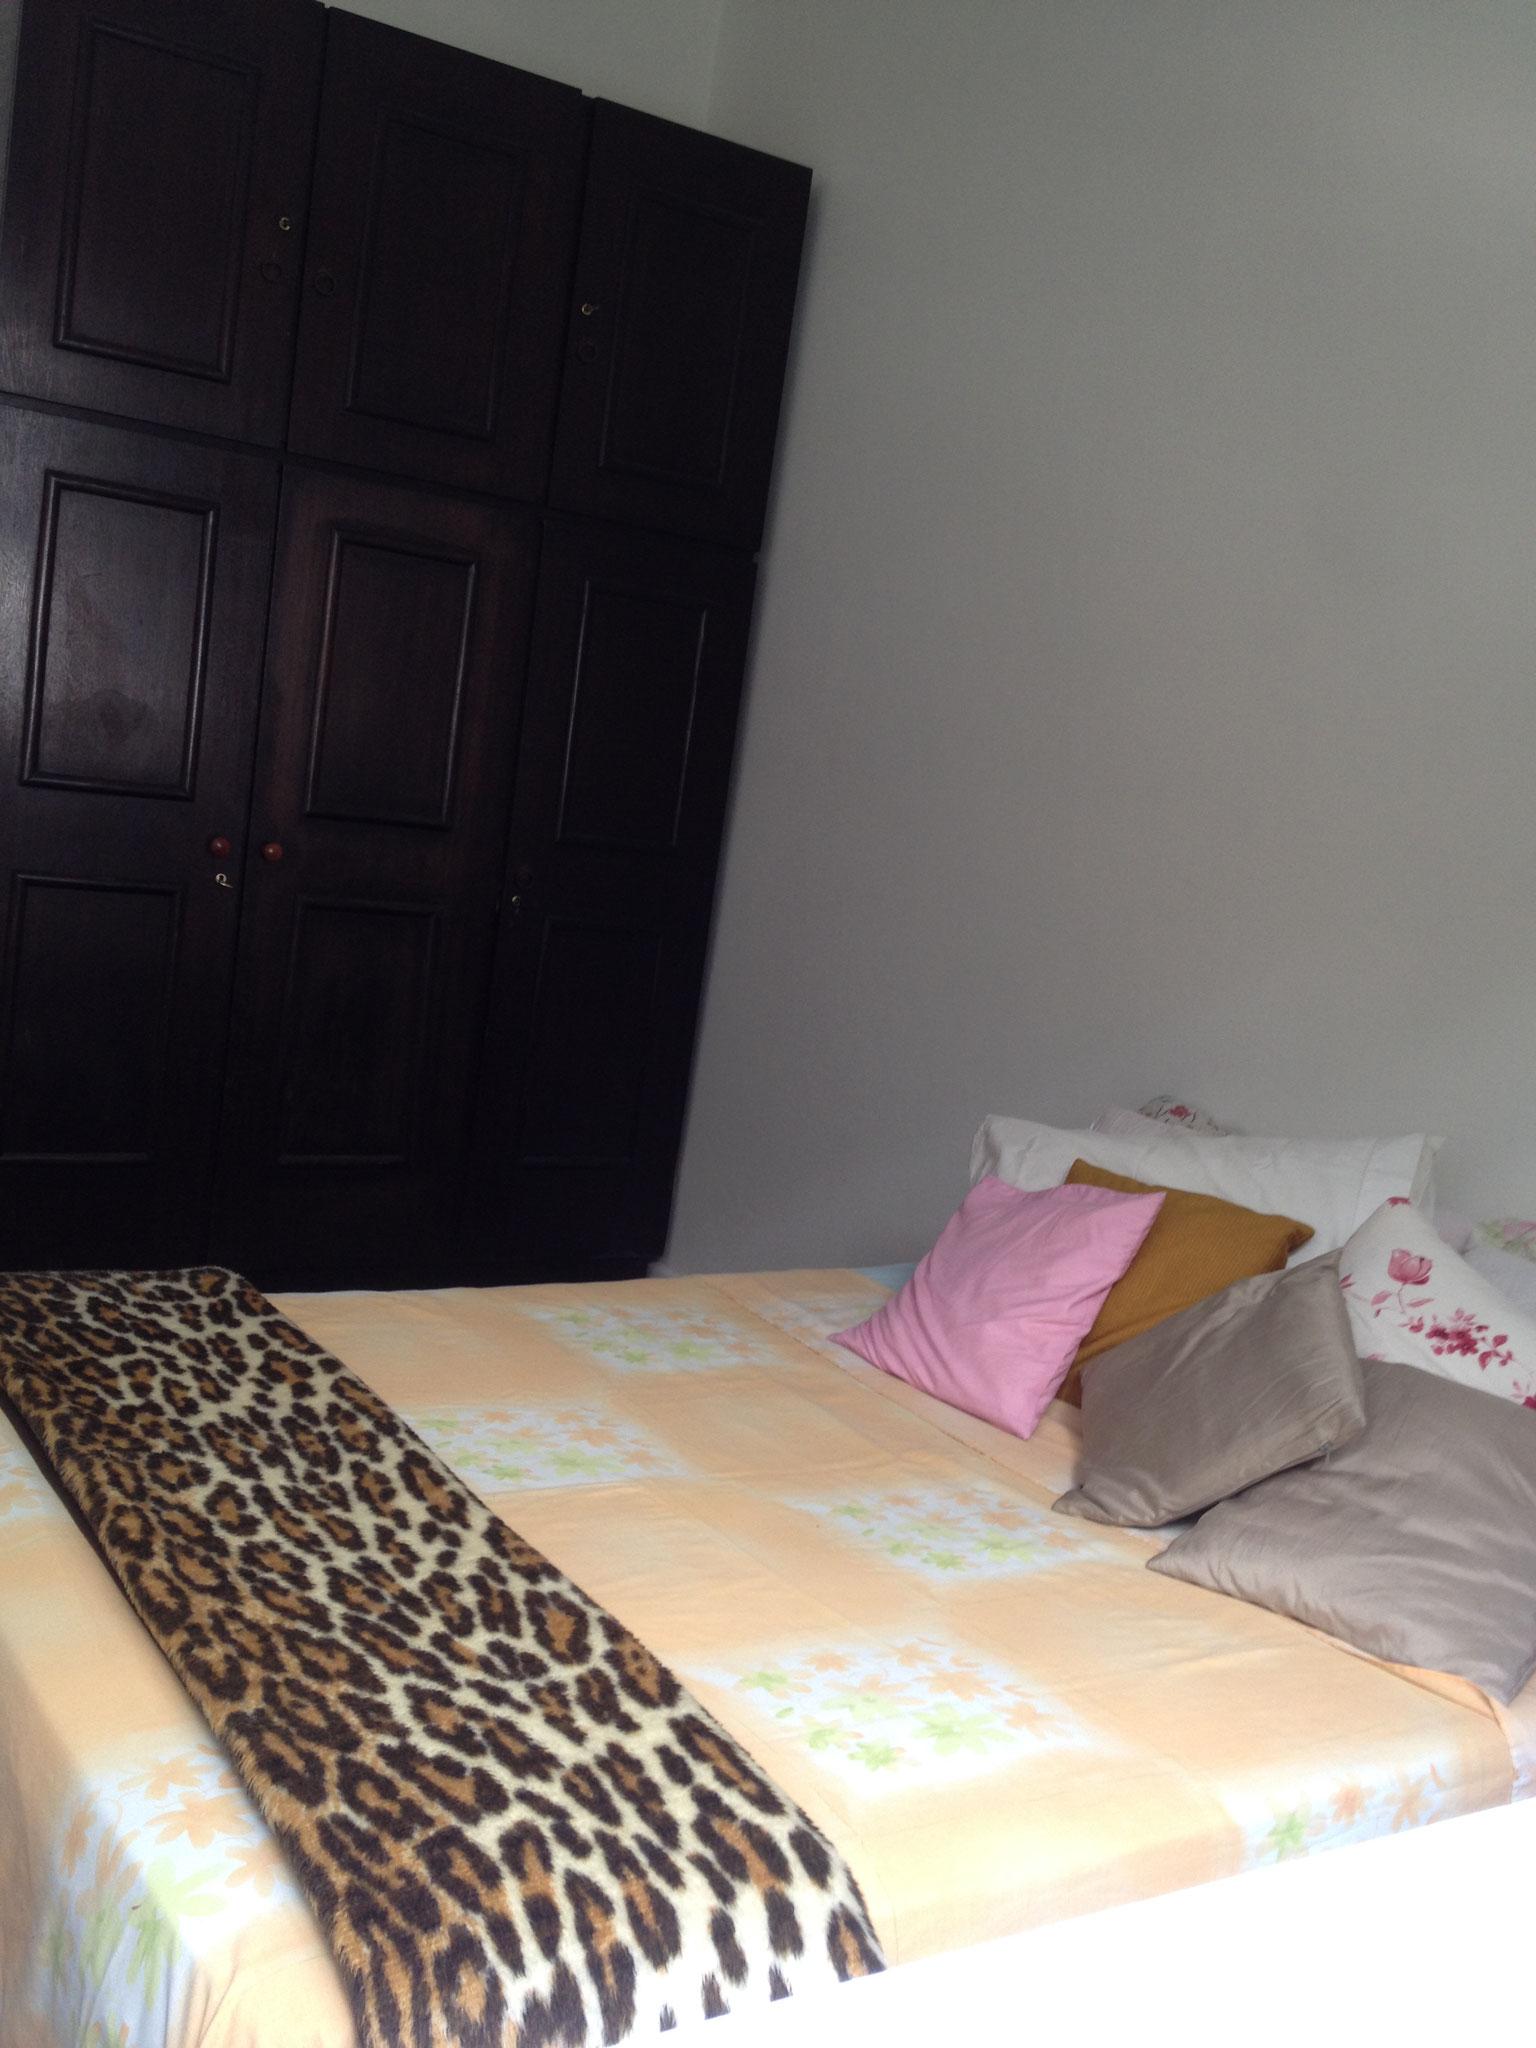 Bett und Schrank